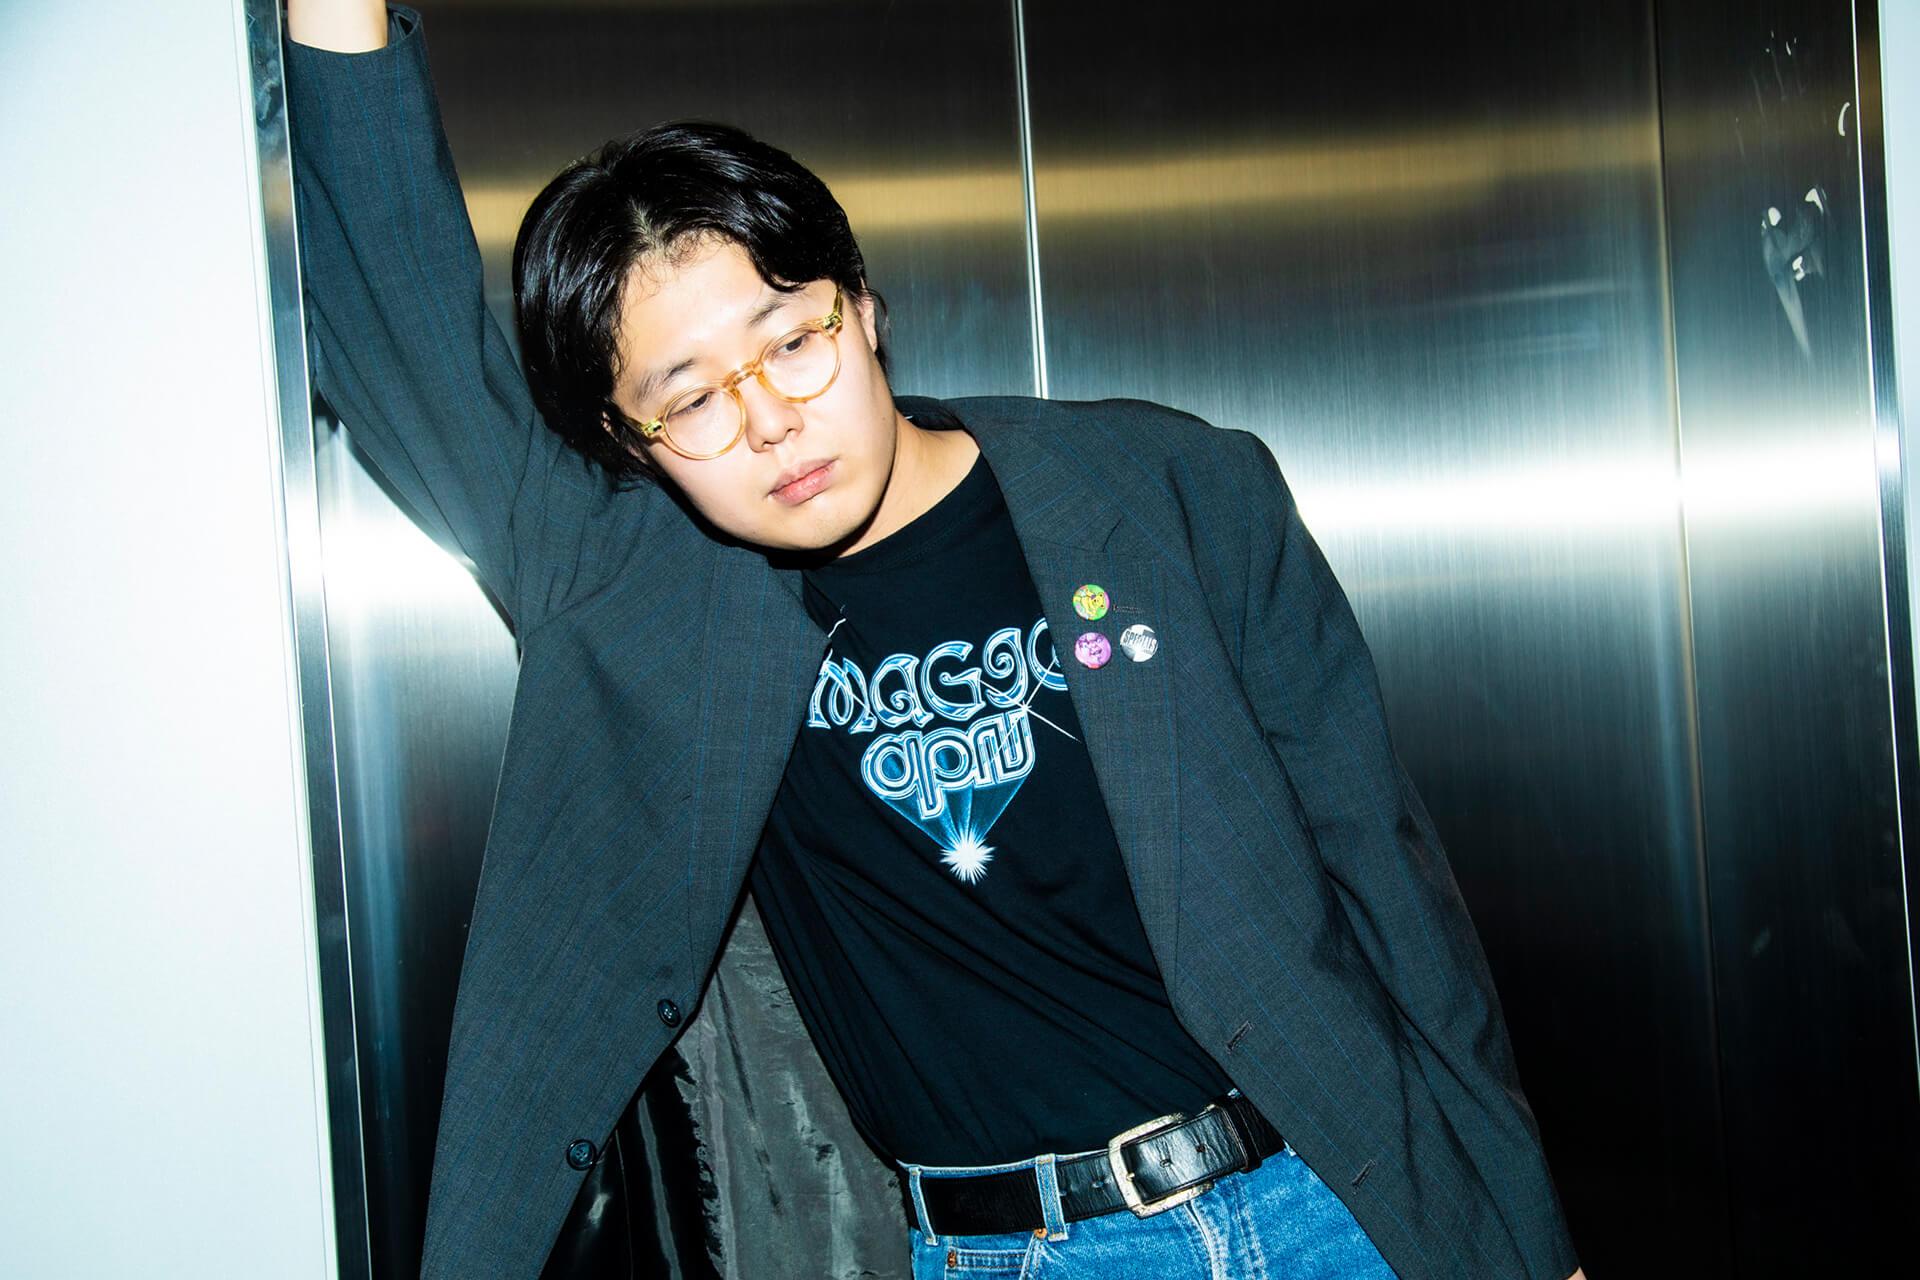 対談:May J.とyahyel・篠田ミルが新プロジェクト「DarkPop」で描くポップスの新章 interview2107-may-j-yahyel-shinodamiru-5